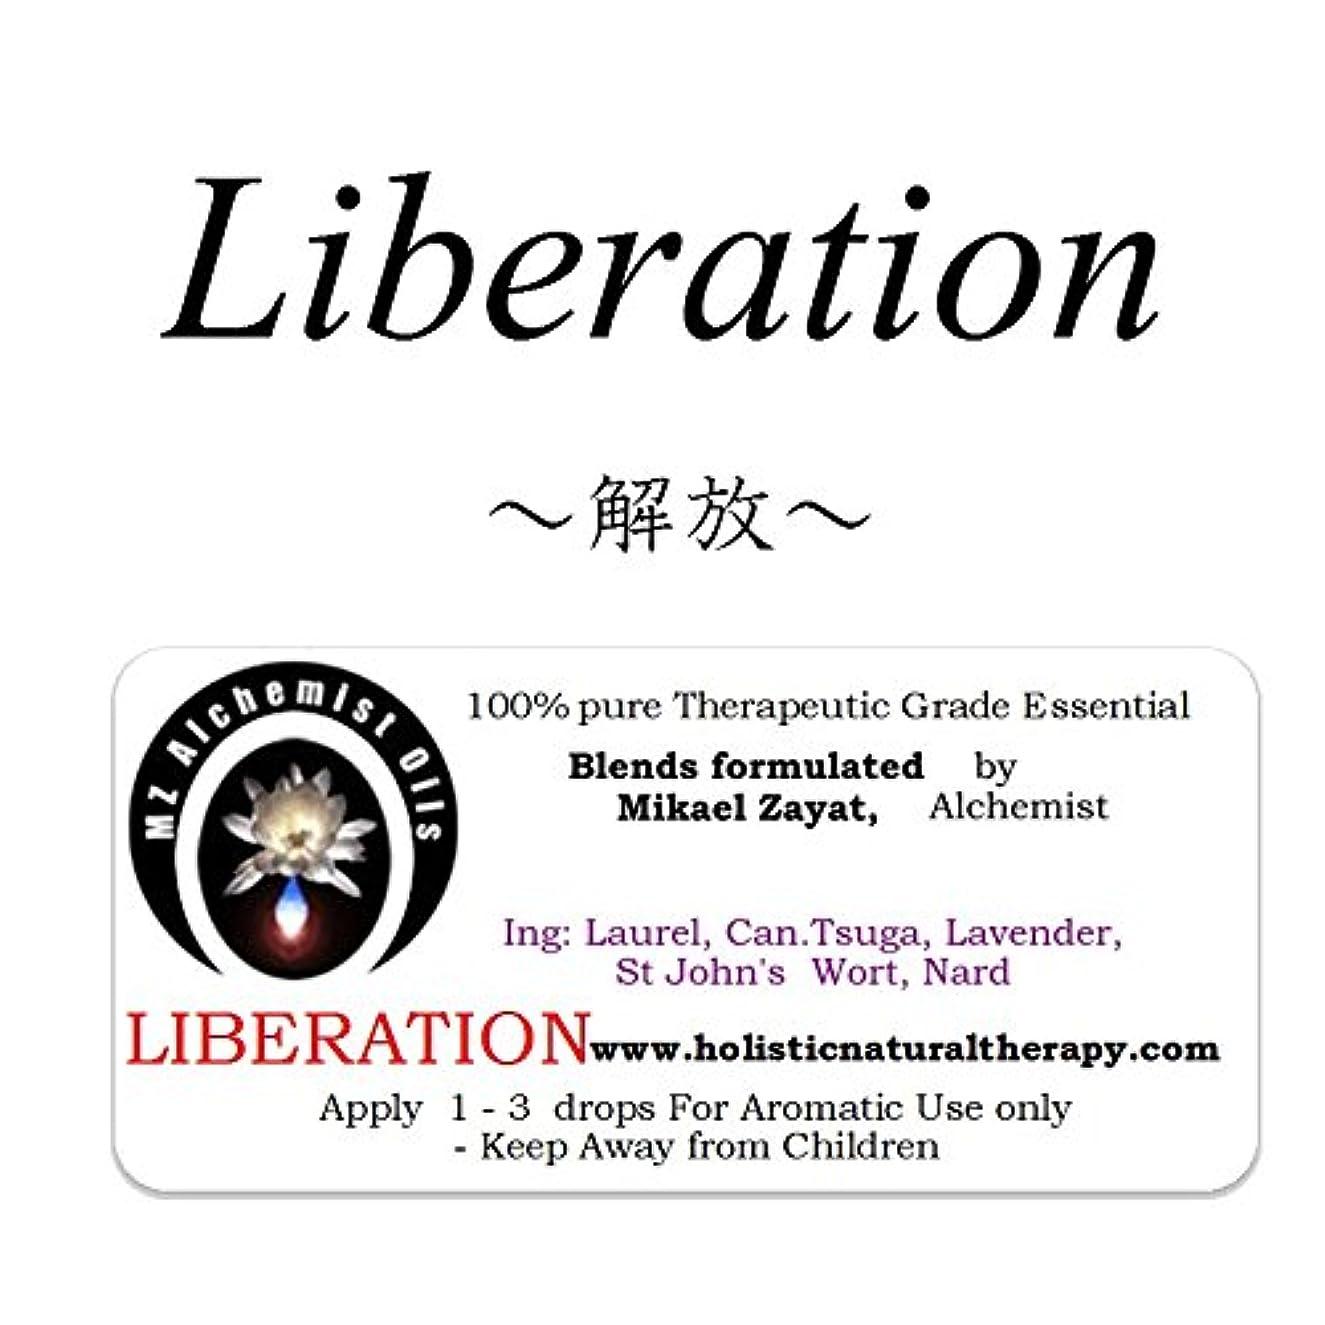 熱望する床チーターミカエル?ザヤットアルケミストオイル セラピストグレードアロマオイル Liberation-リベレーション(解放)- 4ml